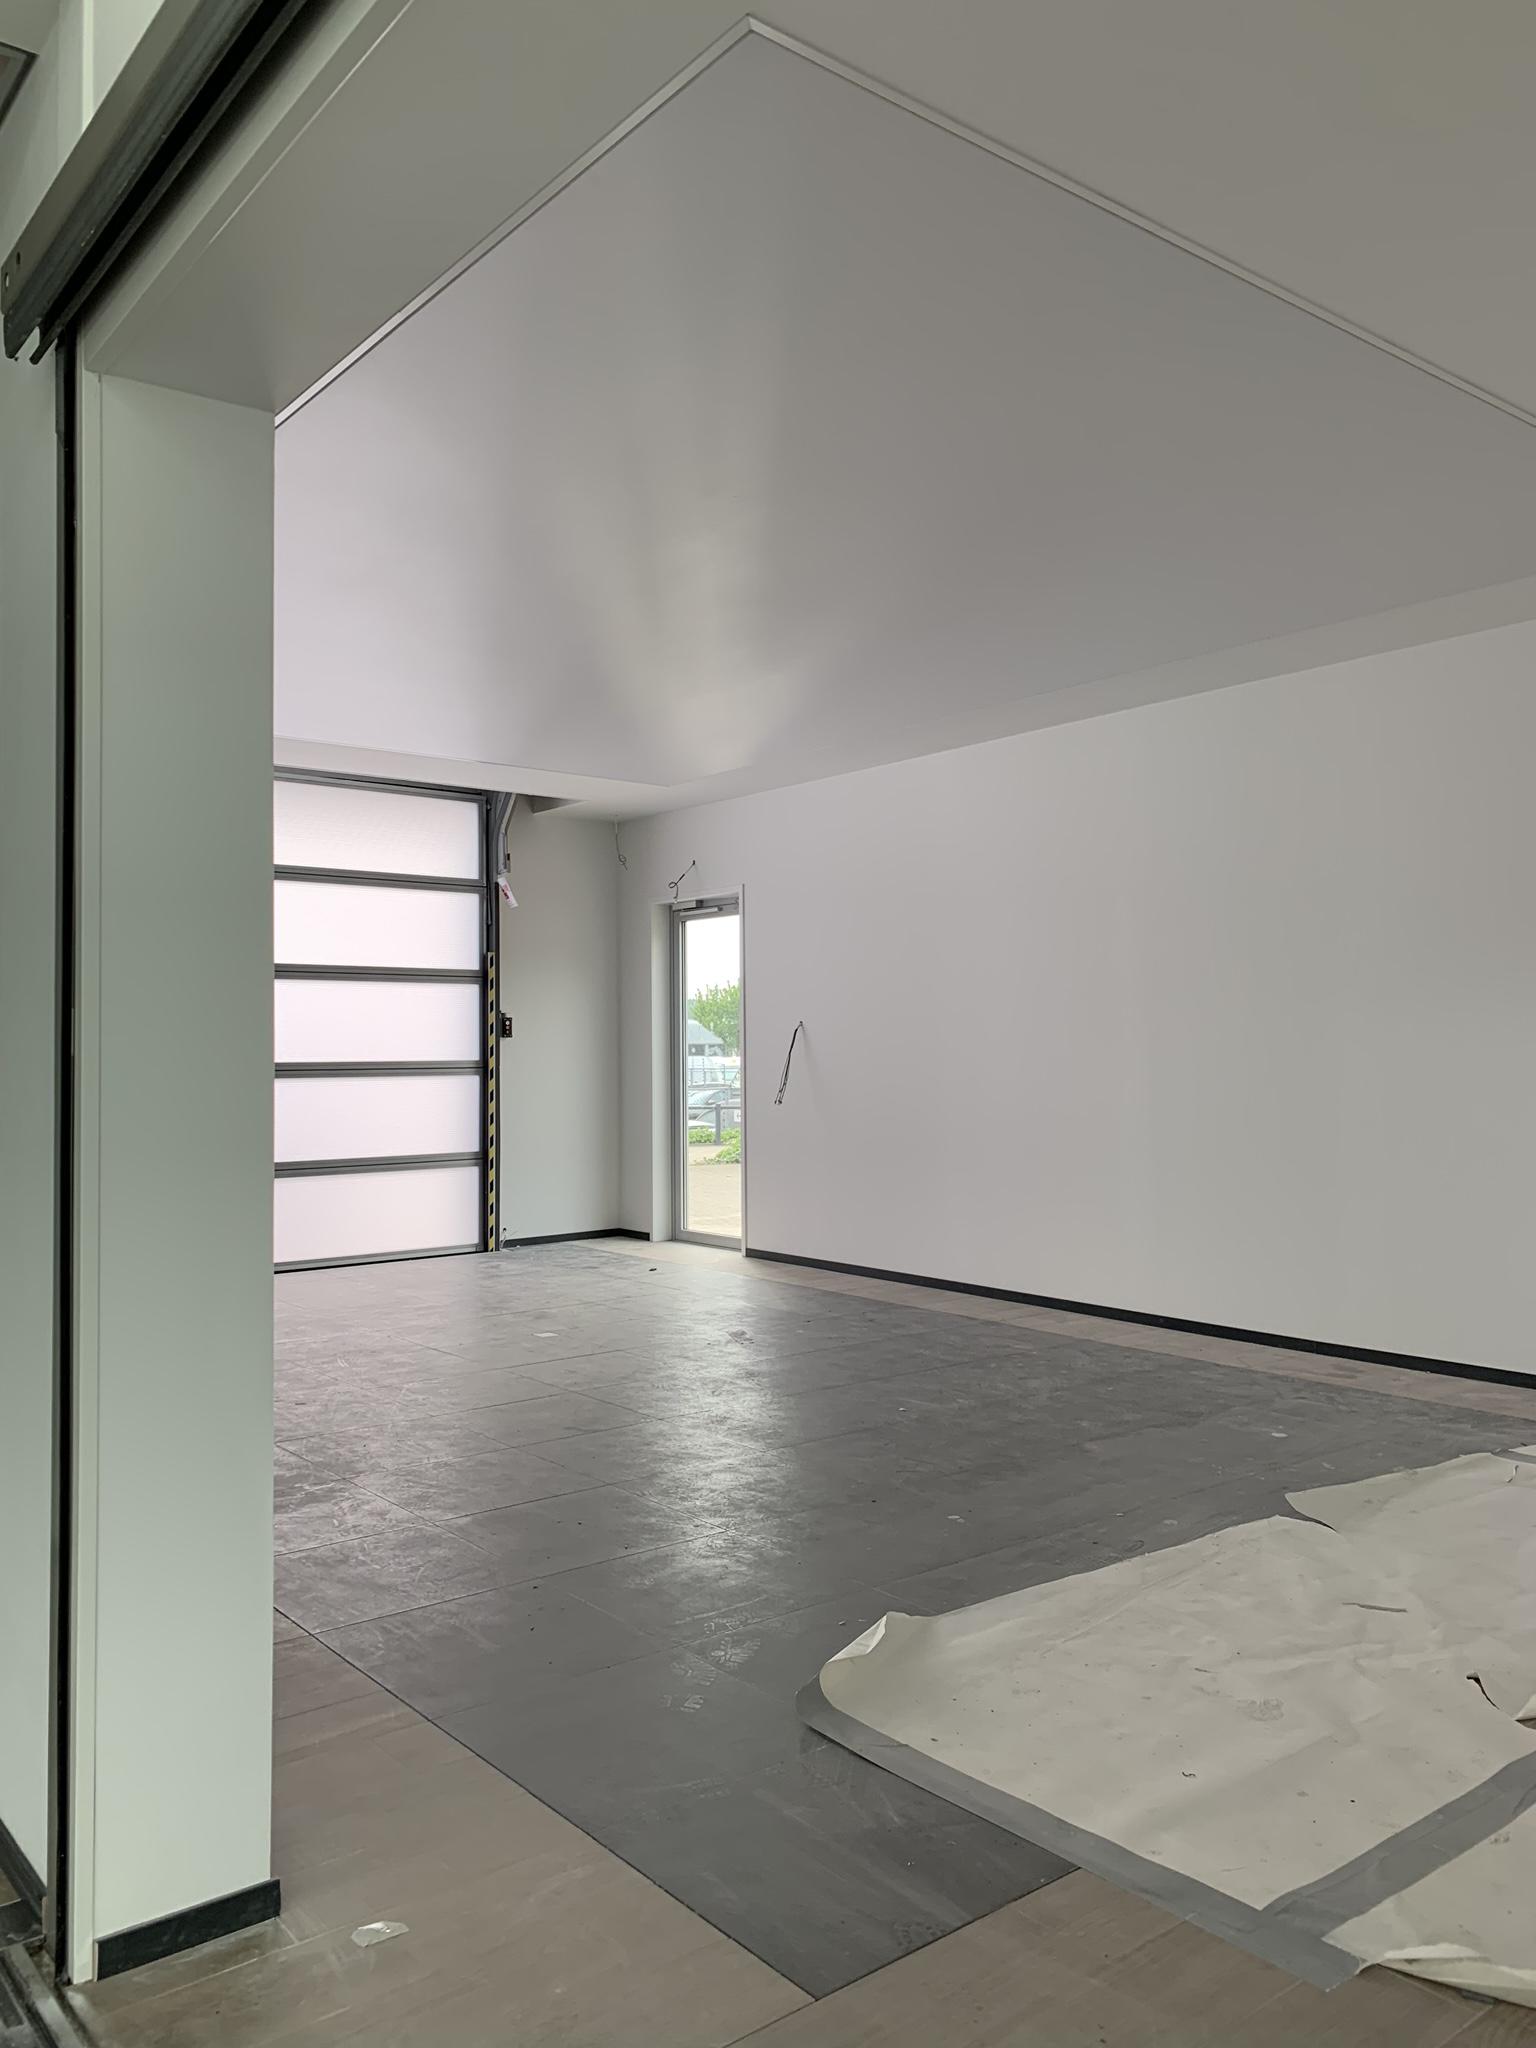 verlichting in garages met full led spanplafond